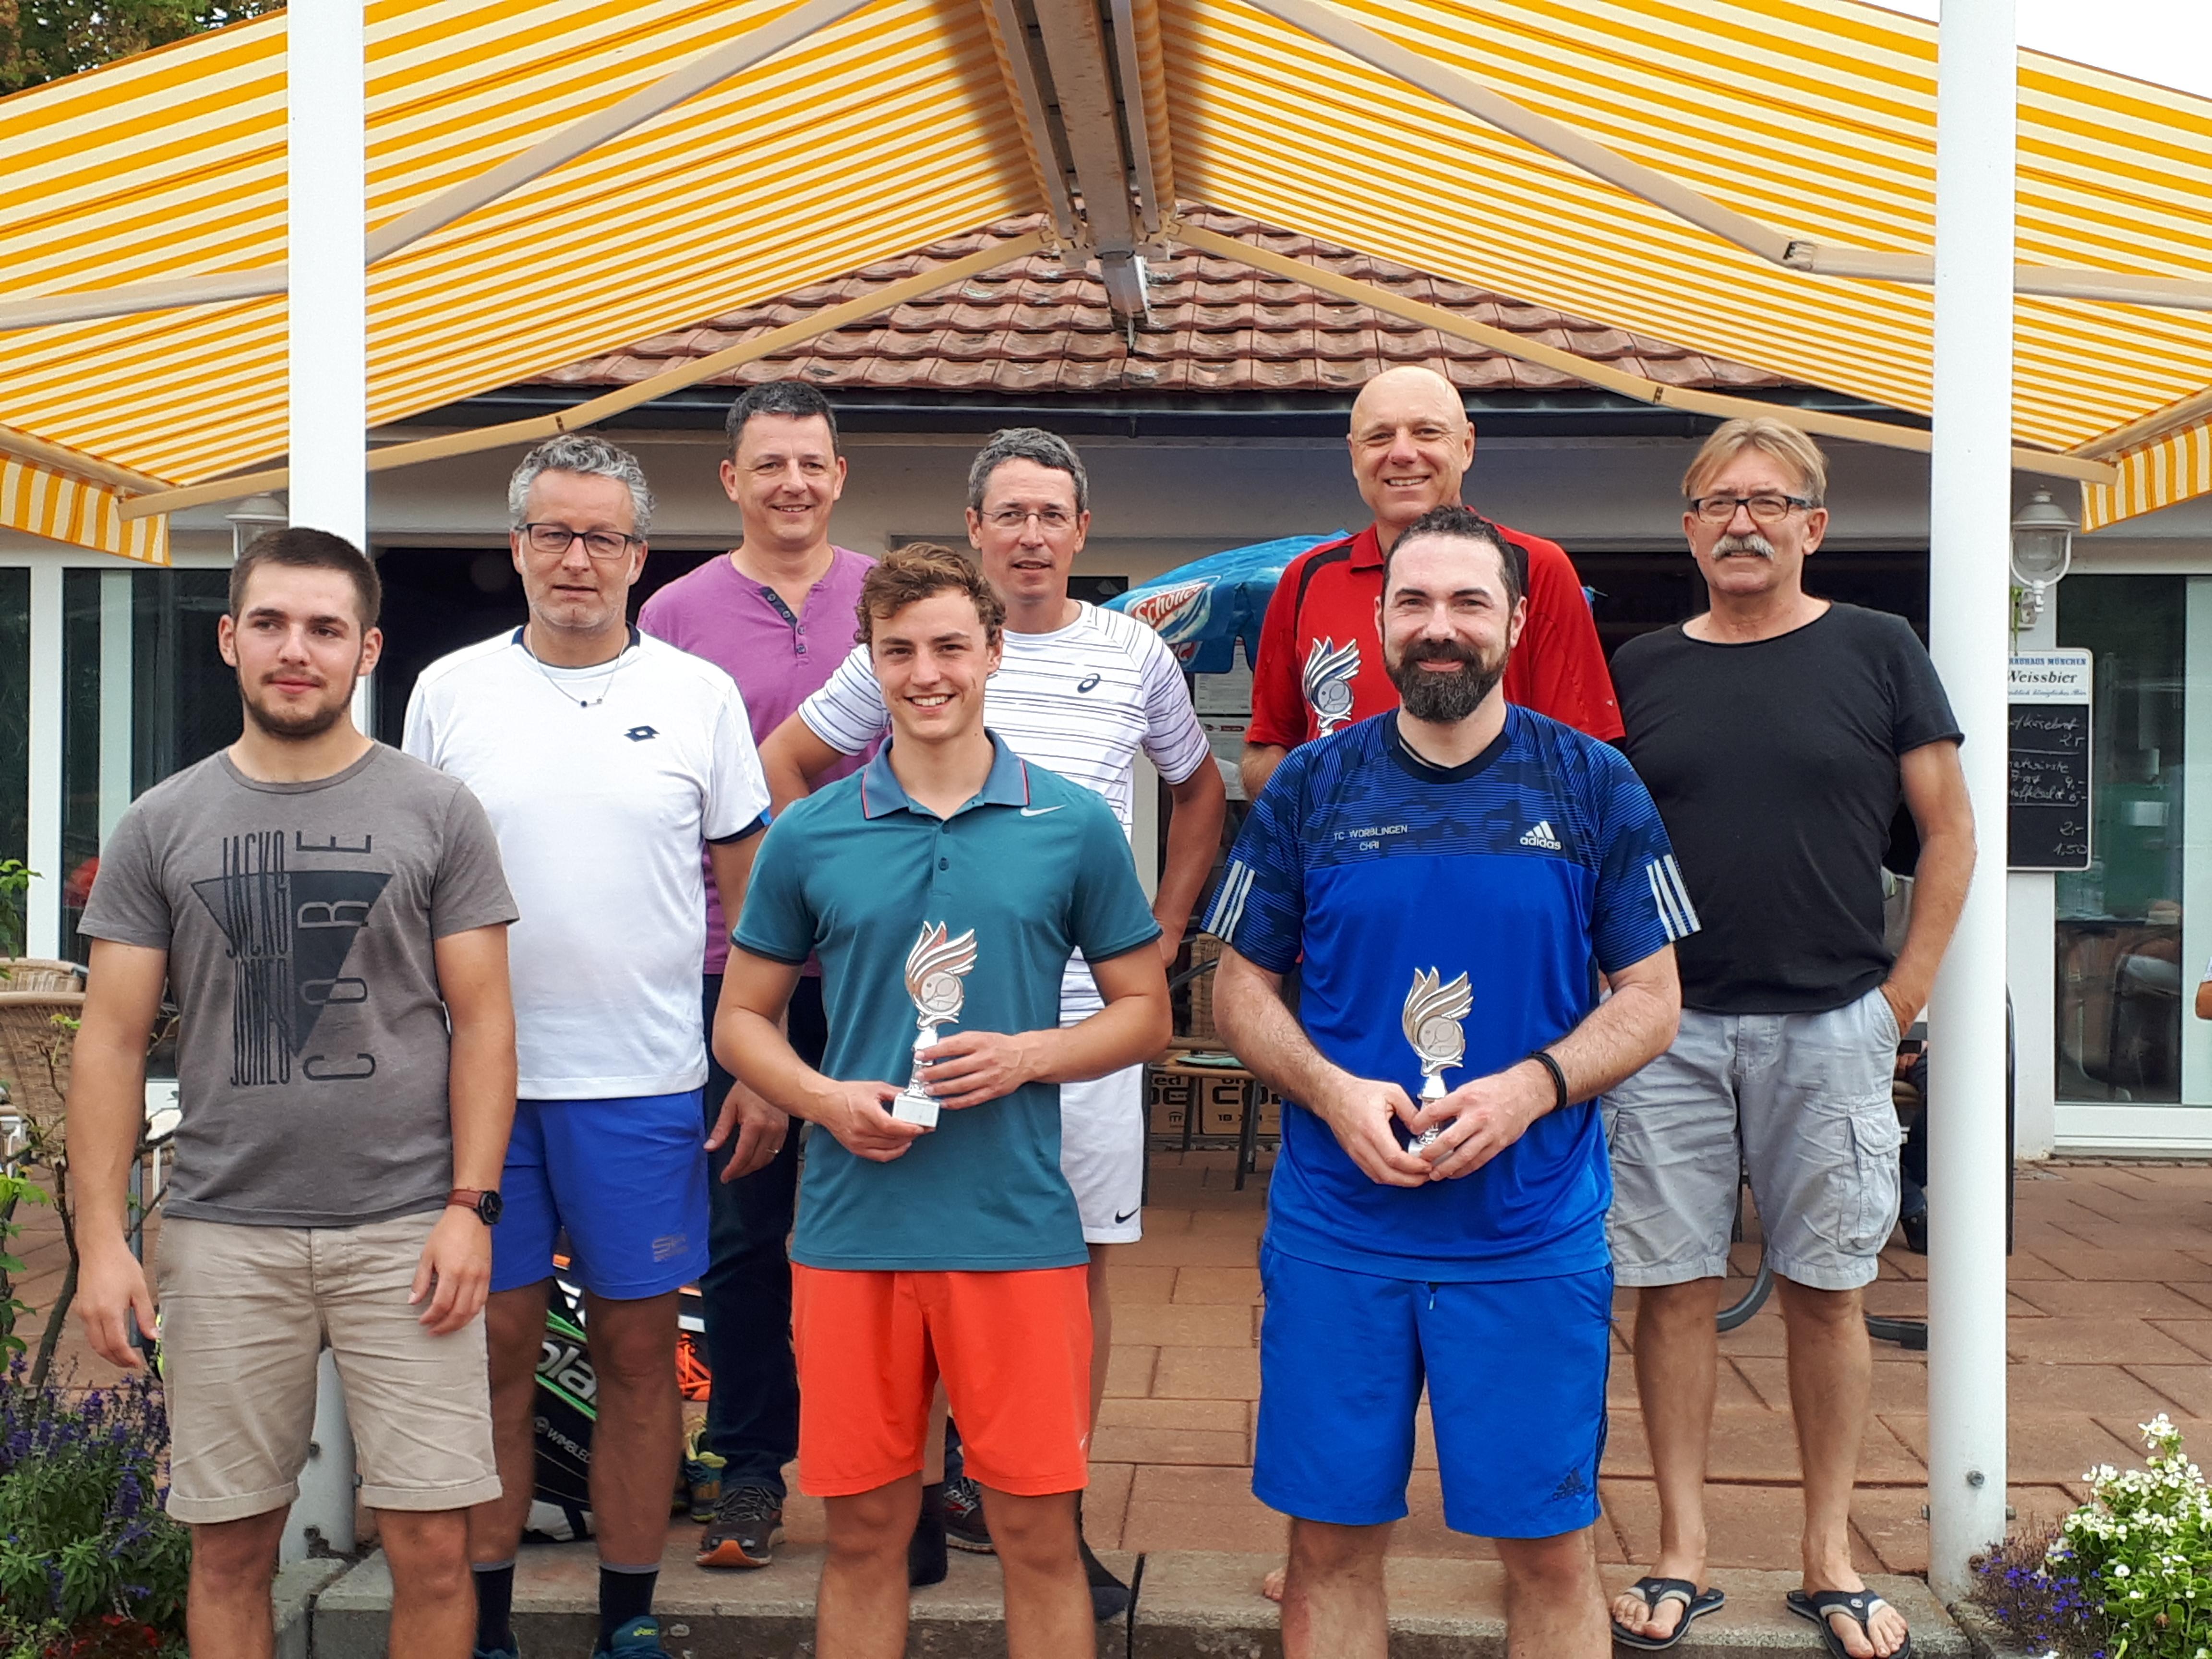 Finalisten der Hegau-Meisterschaften 2018